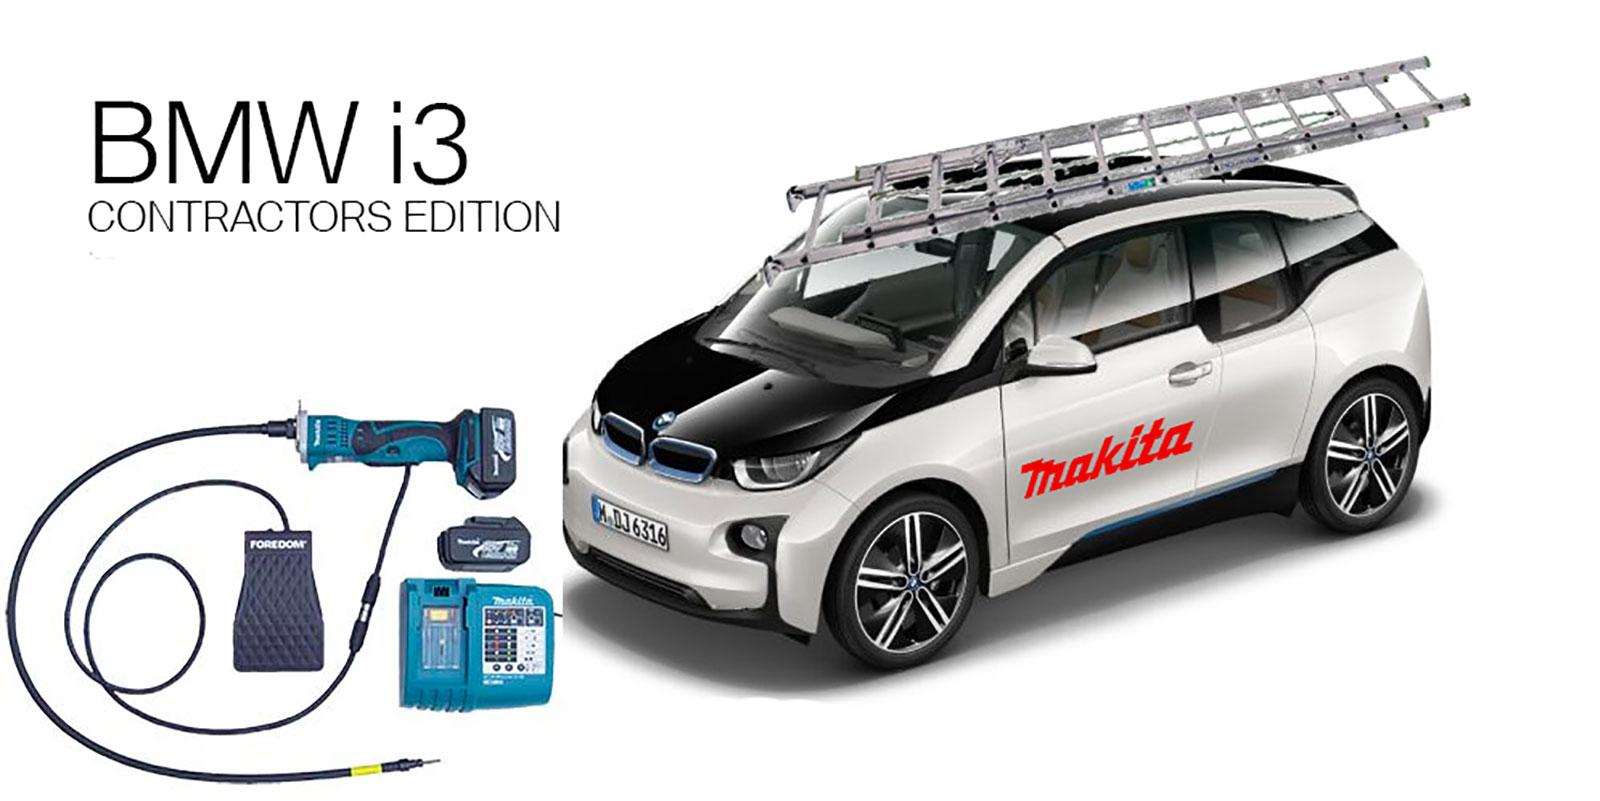 BMW i3 Contractors Edition